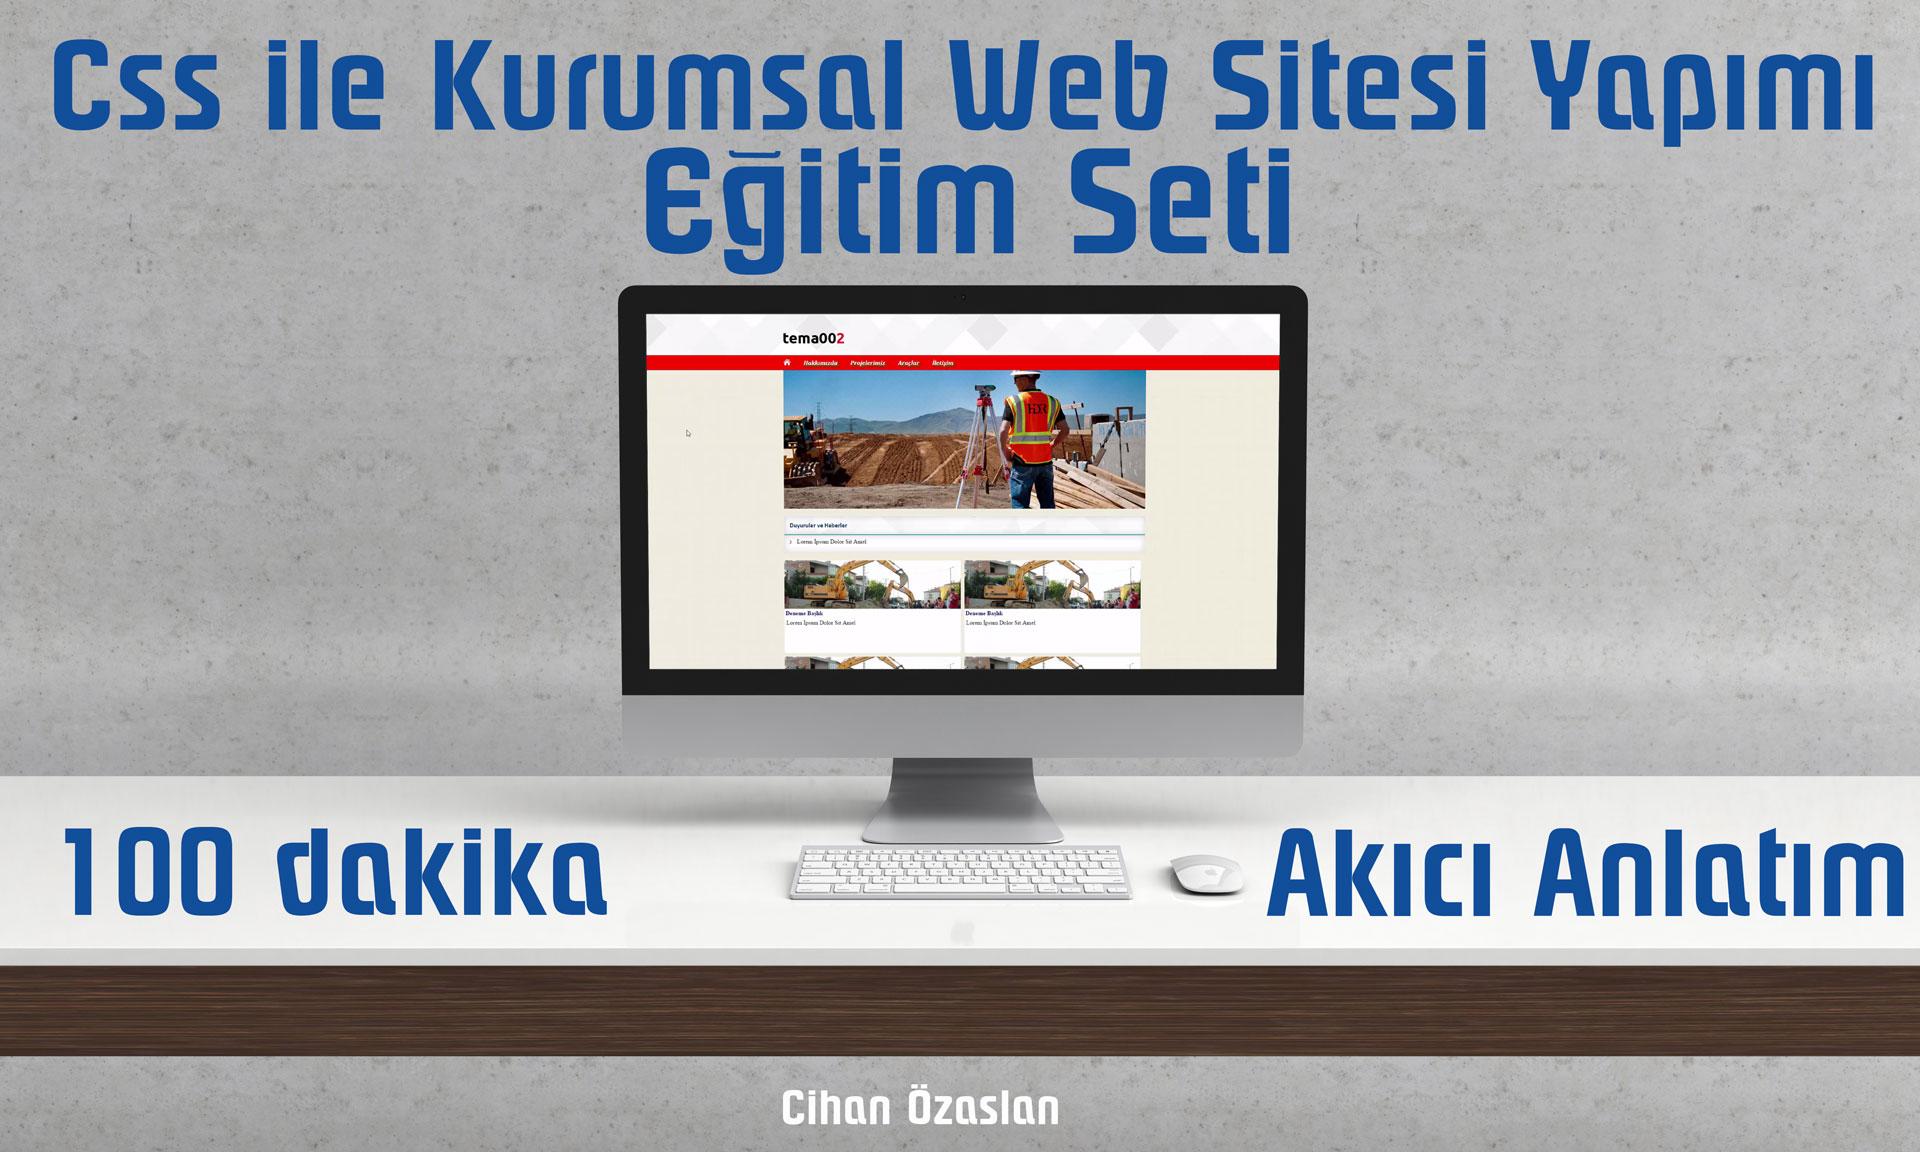 CSS ile Kurumsal Web Sitesi Yapımı